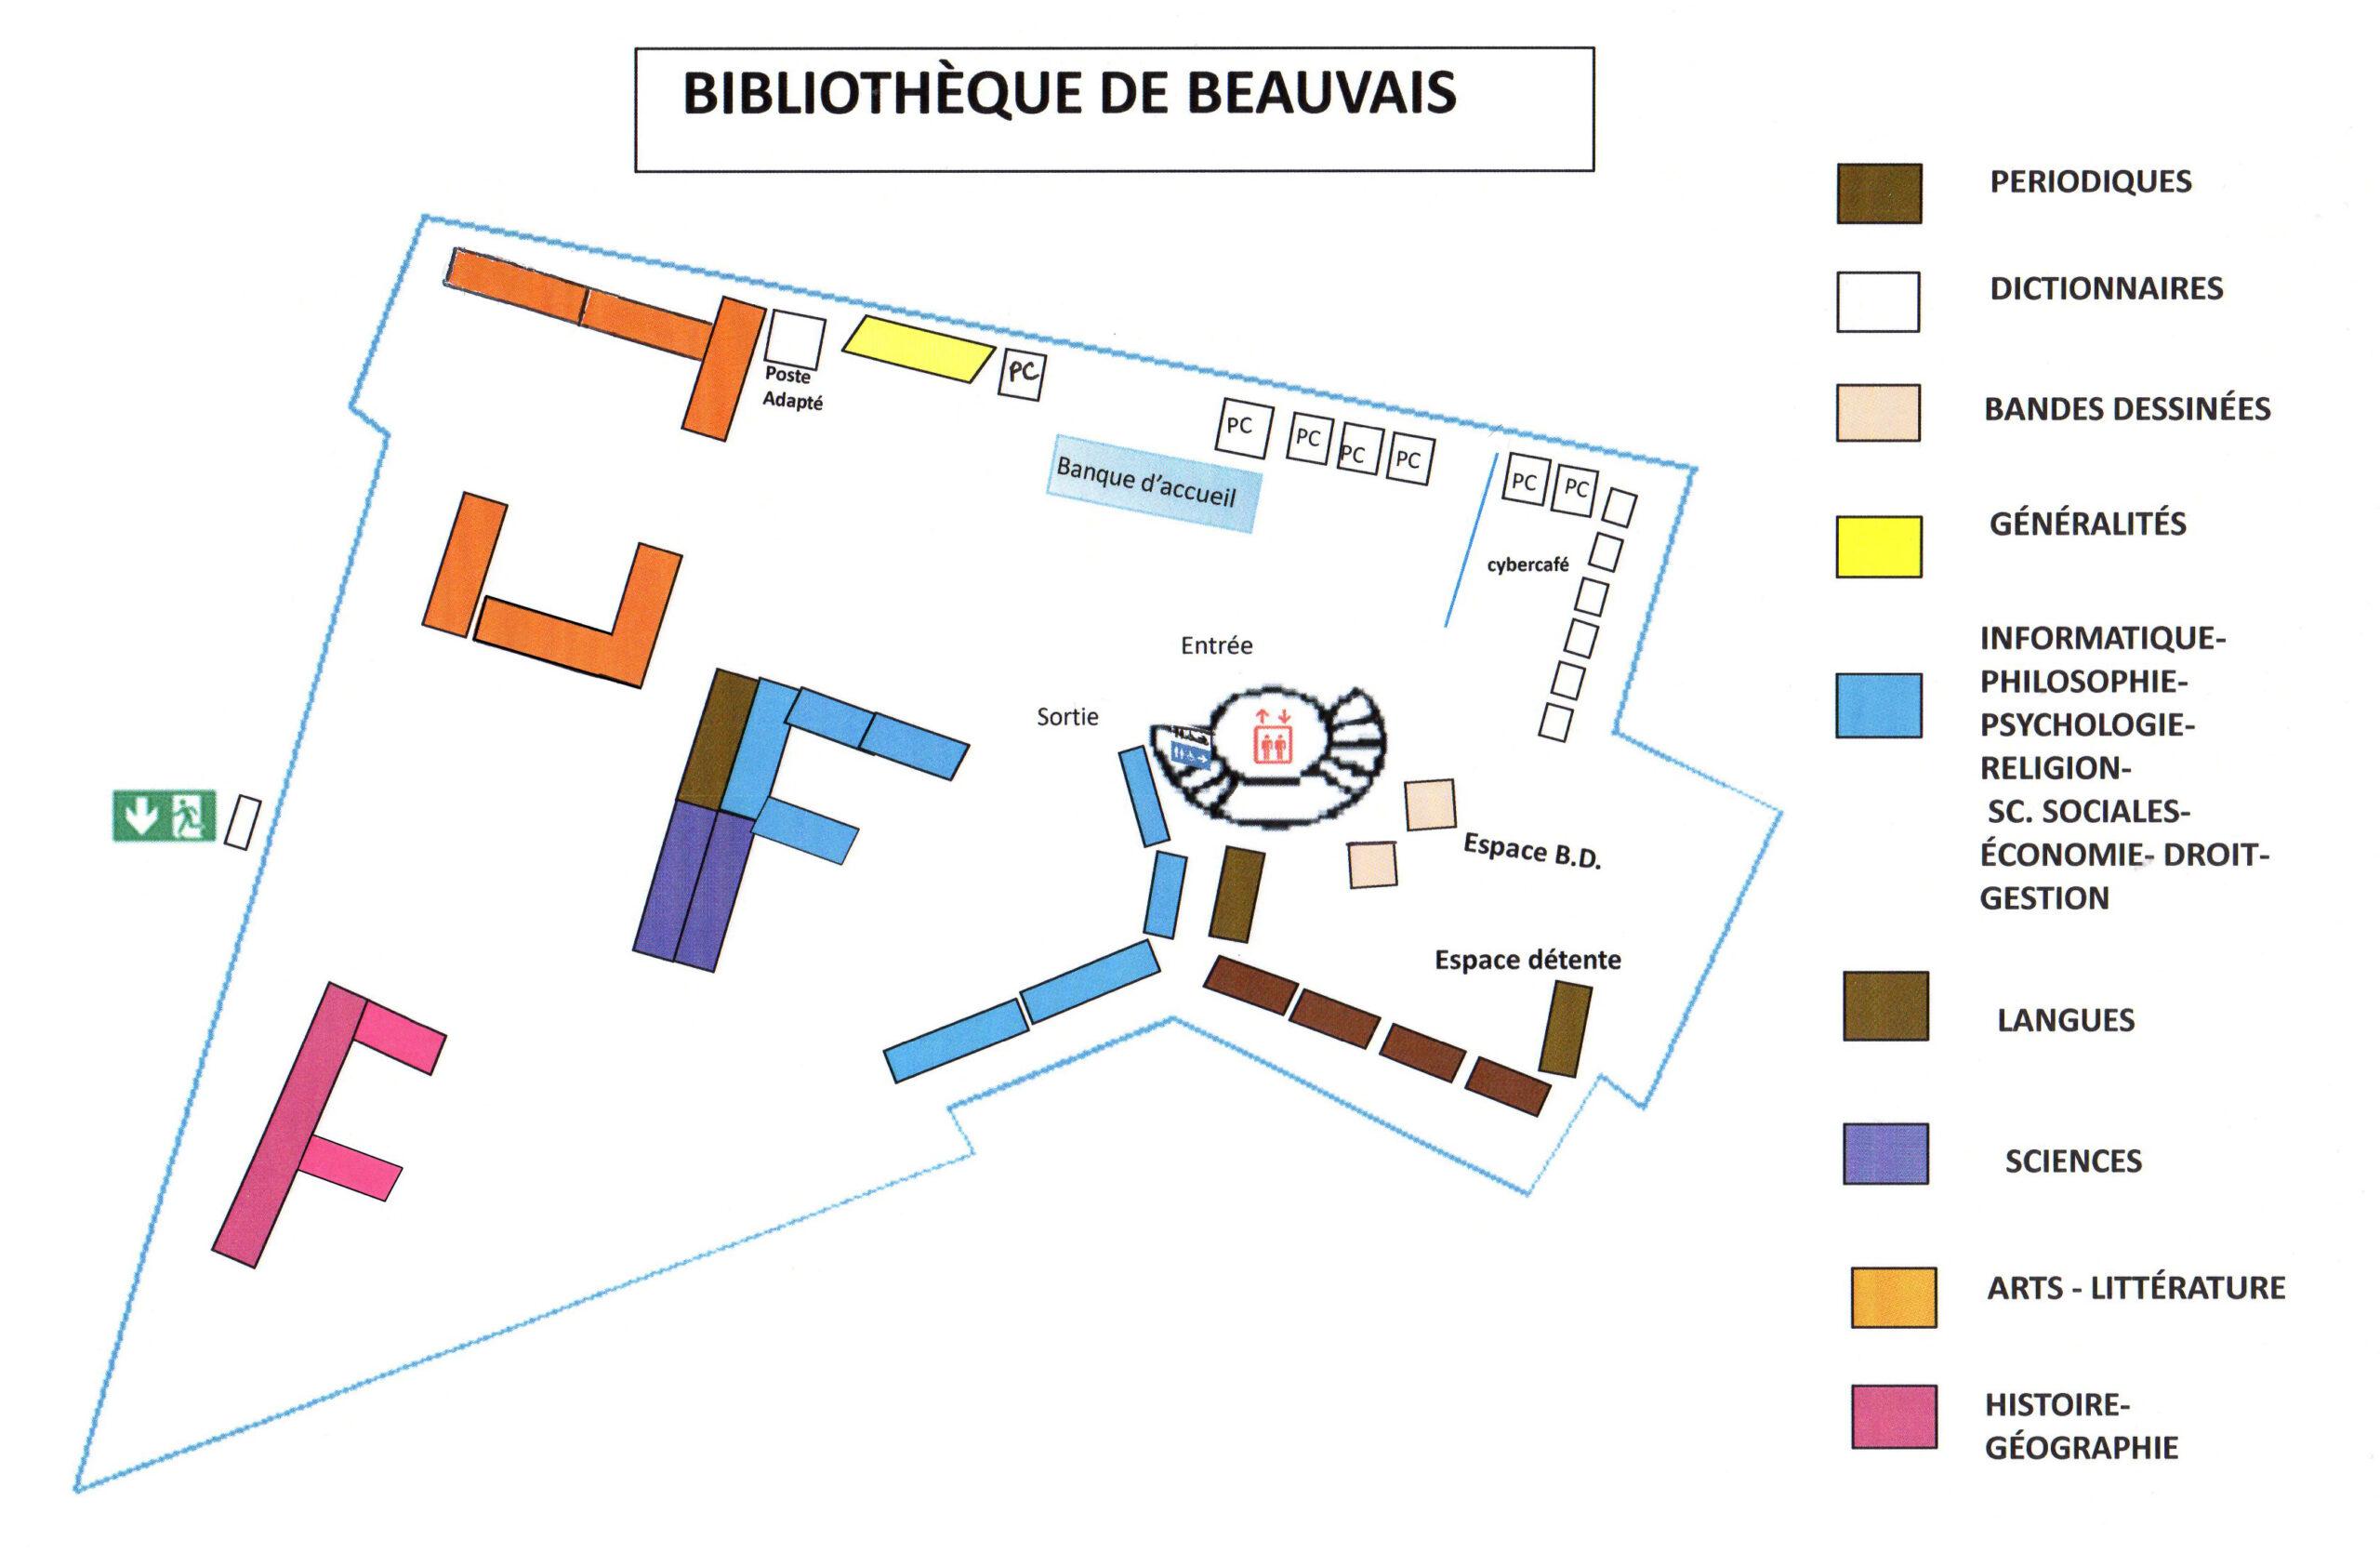 Plan de la bibliothèque universitaire de Beauvais